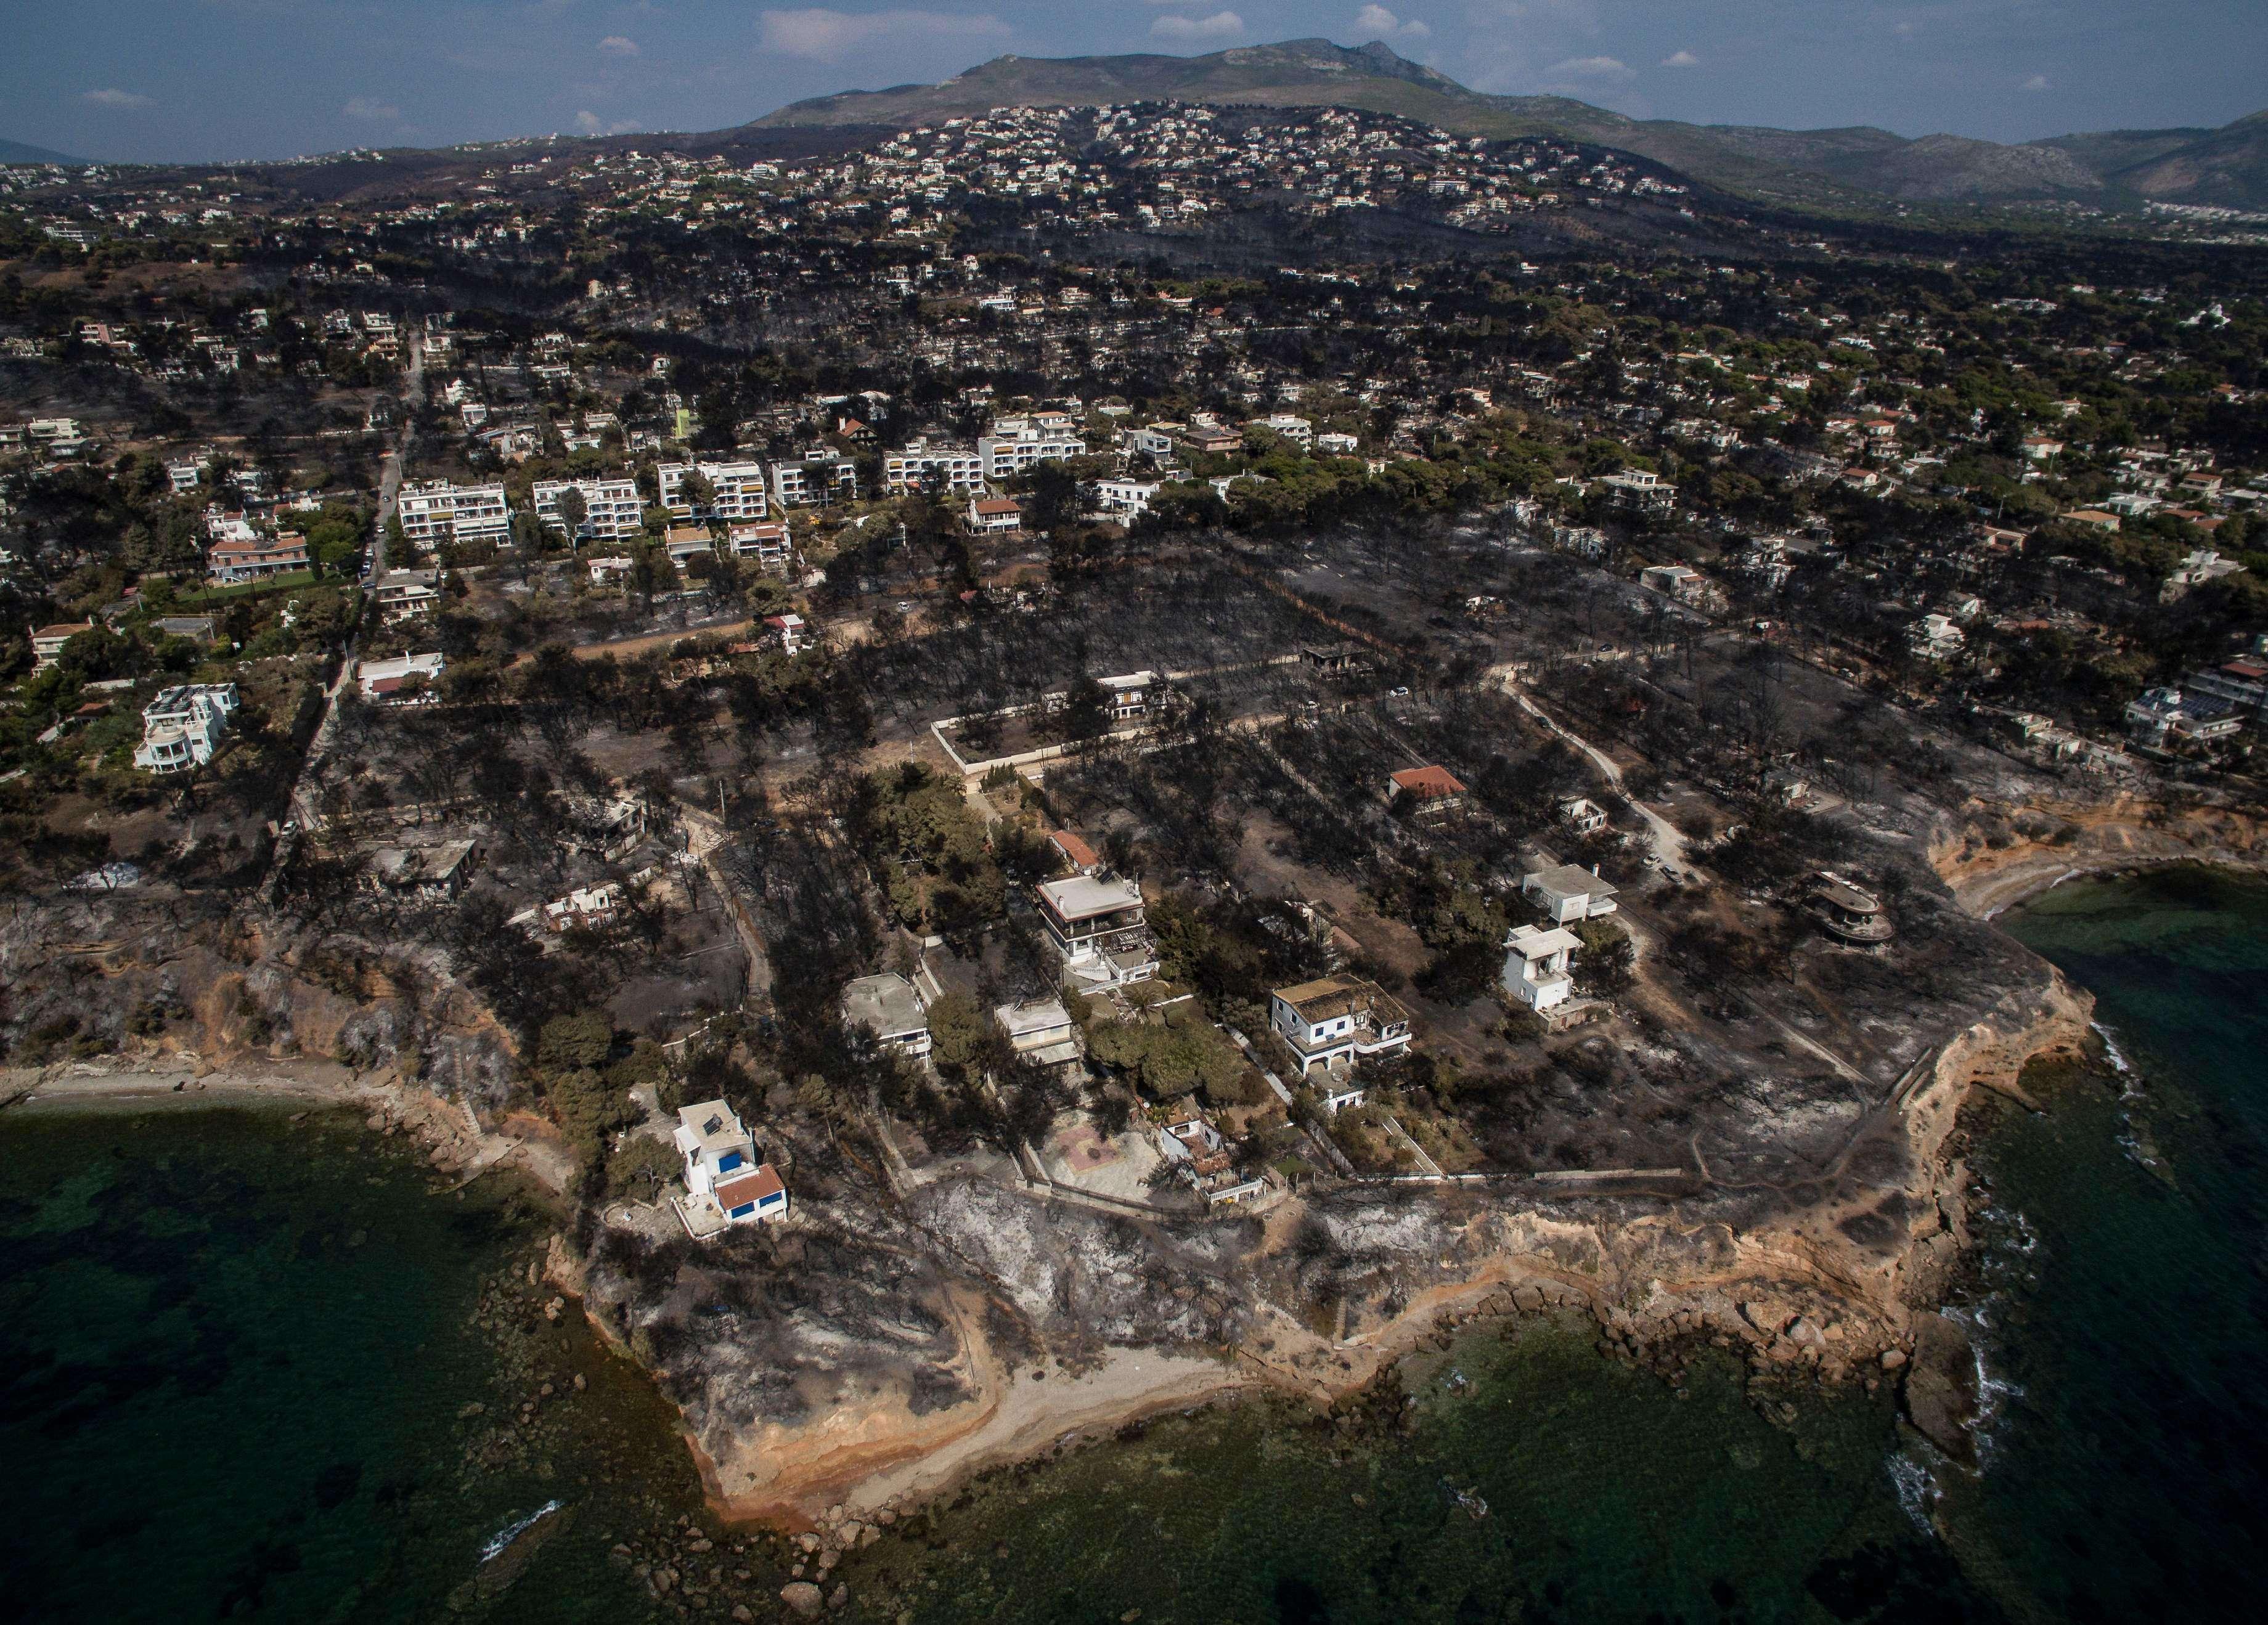 Vue aérienne de la station balnéaire de Mati, près d'Athènes, ravagée par les flammes. Le bilan provisoire desincendies de forêtqui ont dévasté lundi soir la côte à l'est d'Athènes est évalué, aujourd'hui, par les autorités, à 82morts.